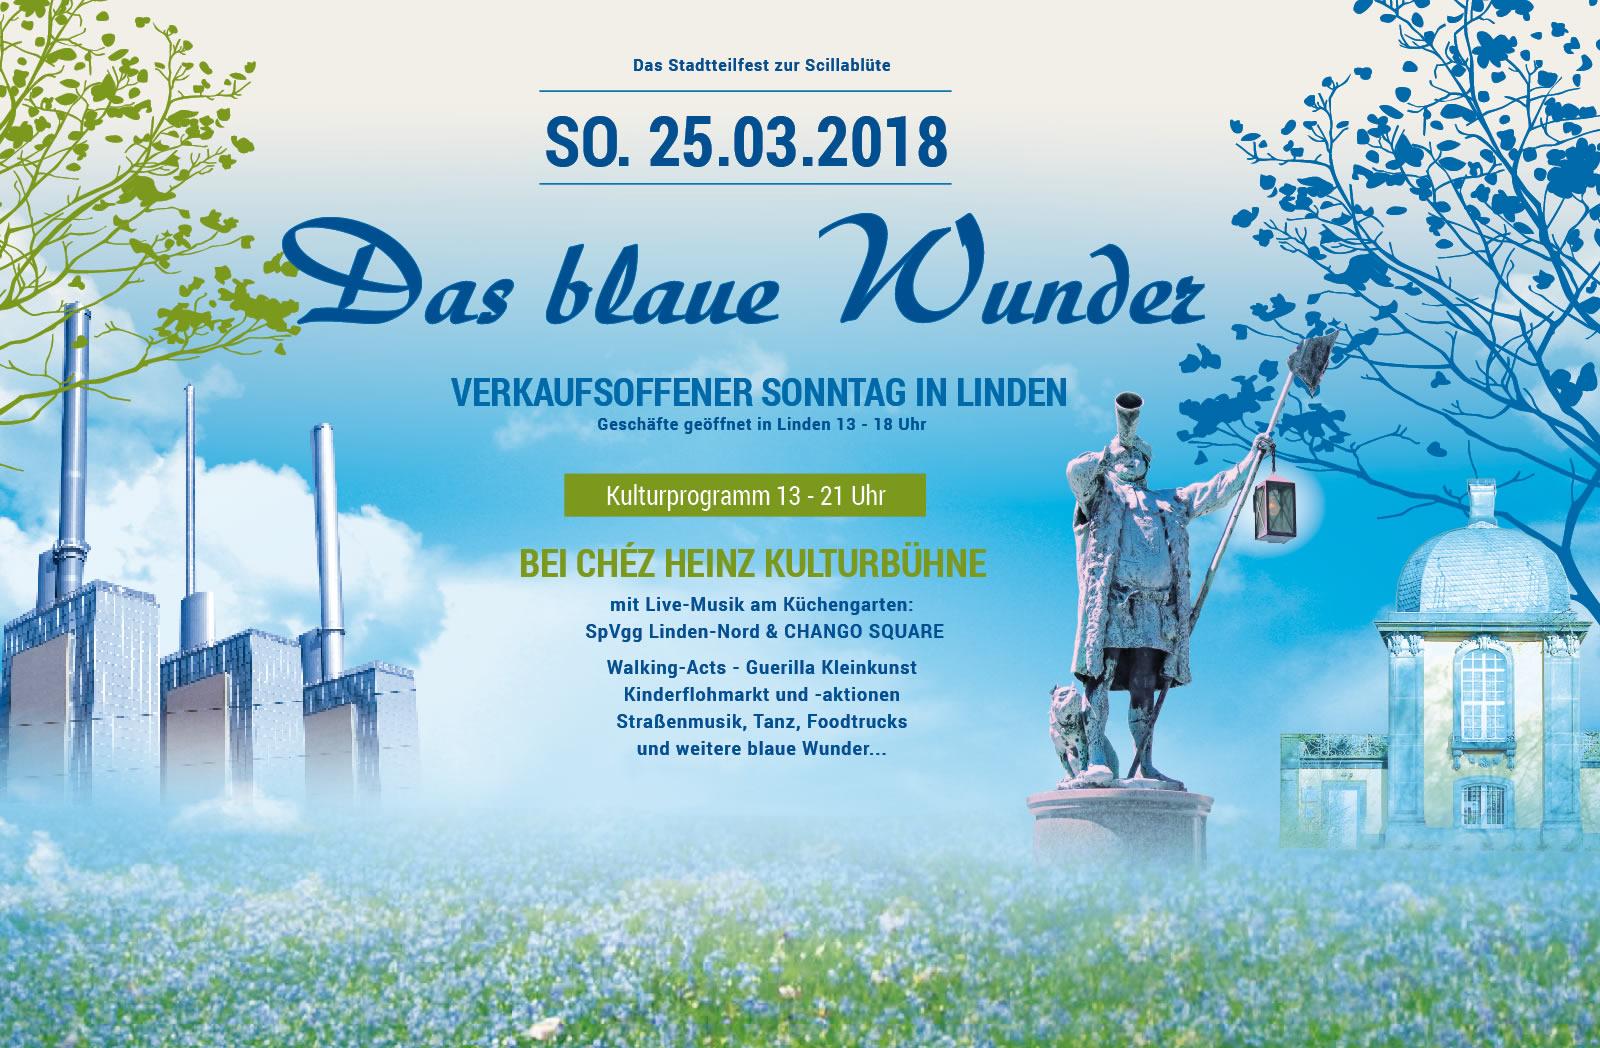 Blaues Wunder 2018 in Linden